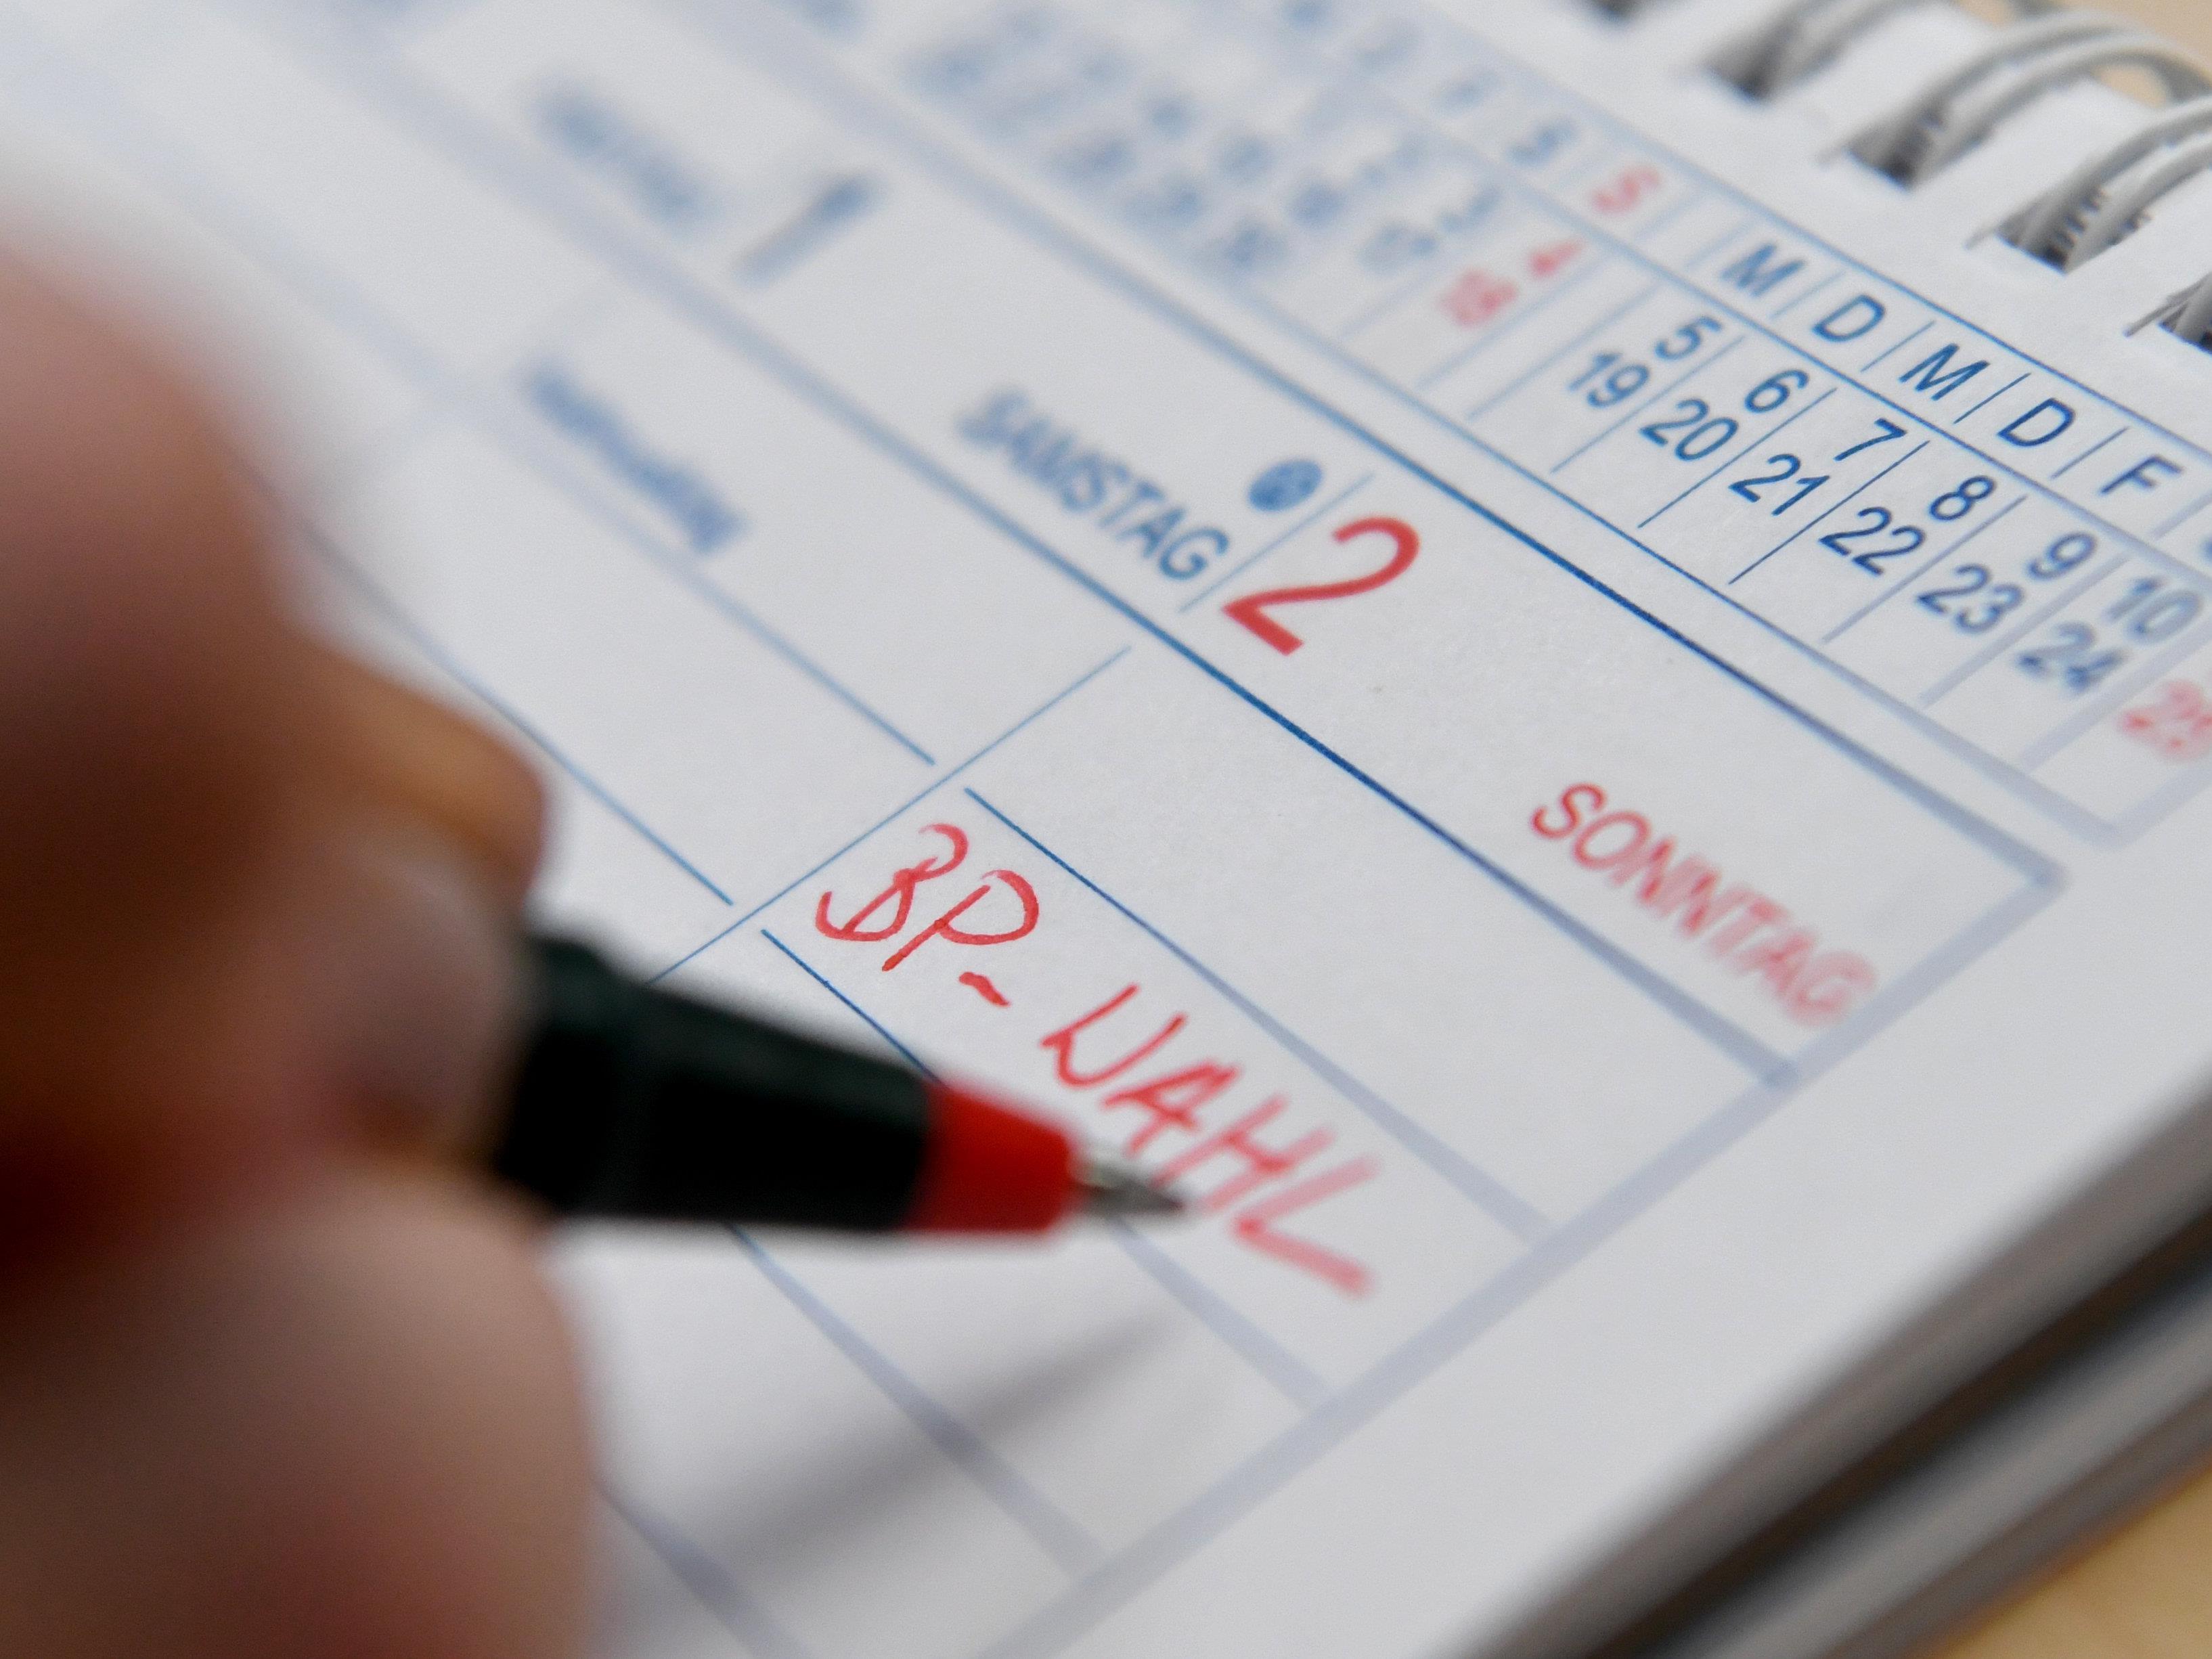 Am Montag, den 29. August, startet die Service-Hotline des Innenministeriums zur BP-Wahl.